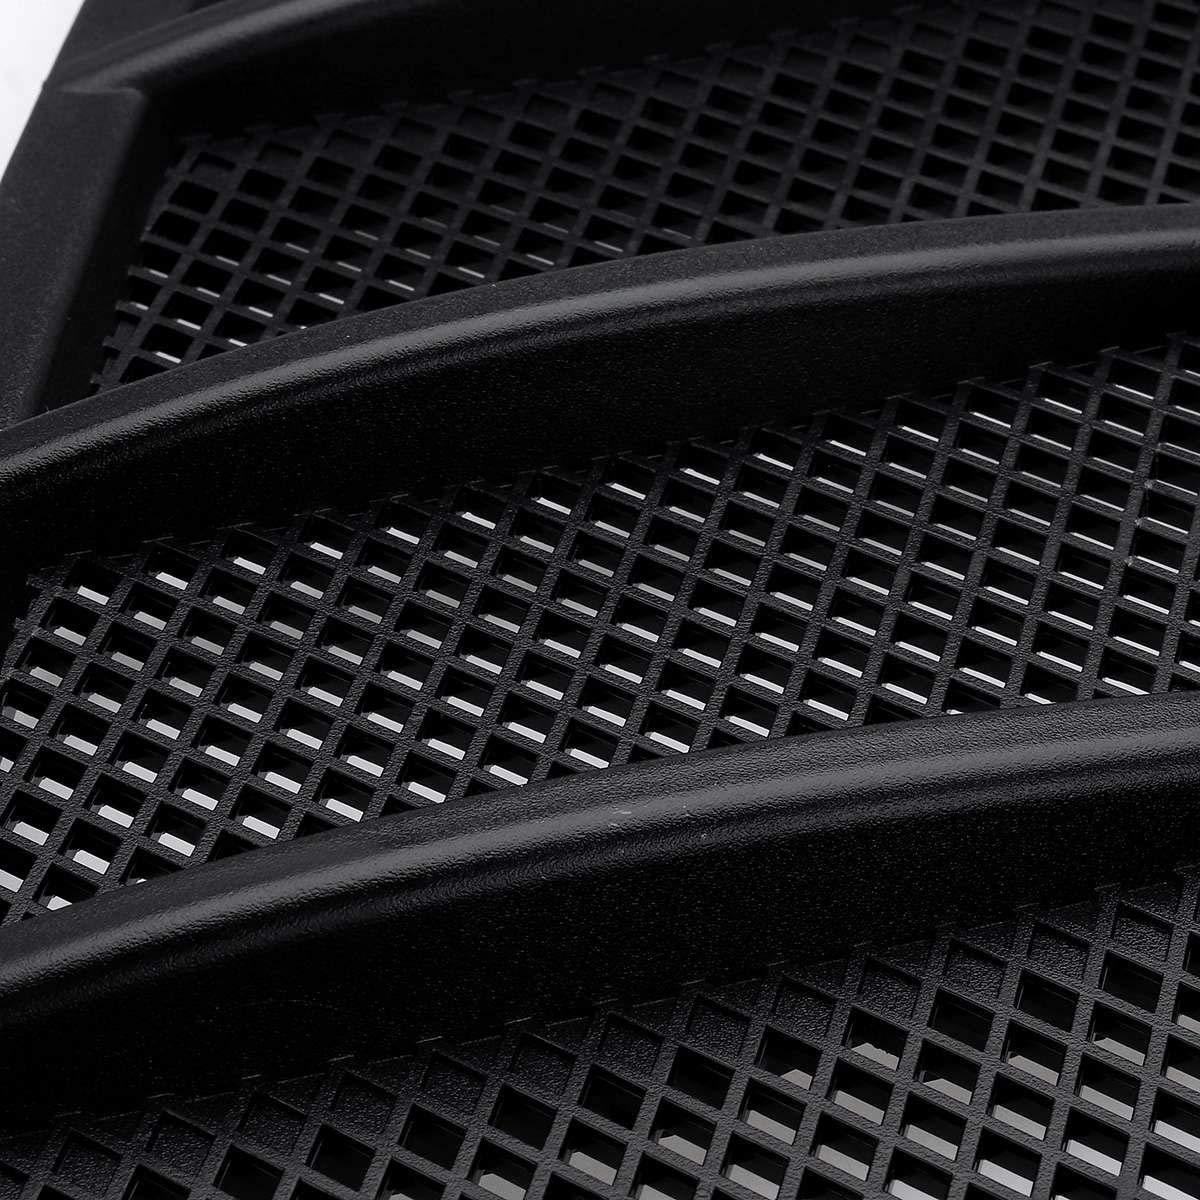 Basage Cappuccio di Aspirazione del Flusso dAria della Griglia di Ventilazione del Cofano Anteriore per Auto 2 Pezzi per Mercedes W166 GL GL350 GL450 GL550 ML ML350 ML550 2012-2015